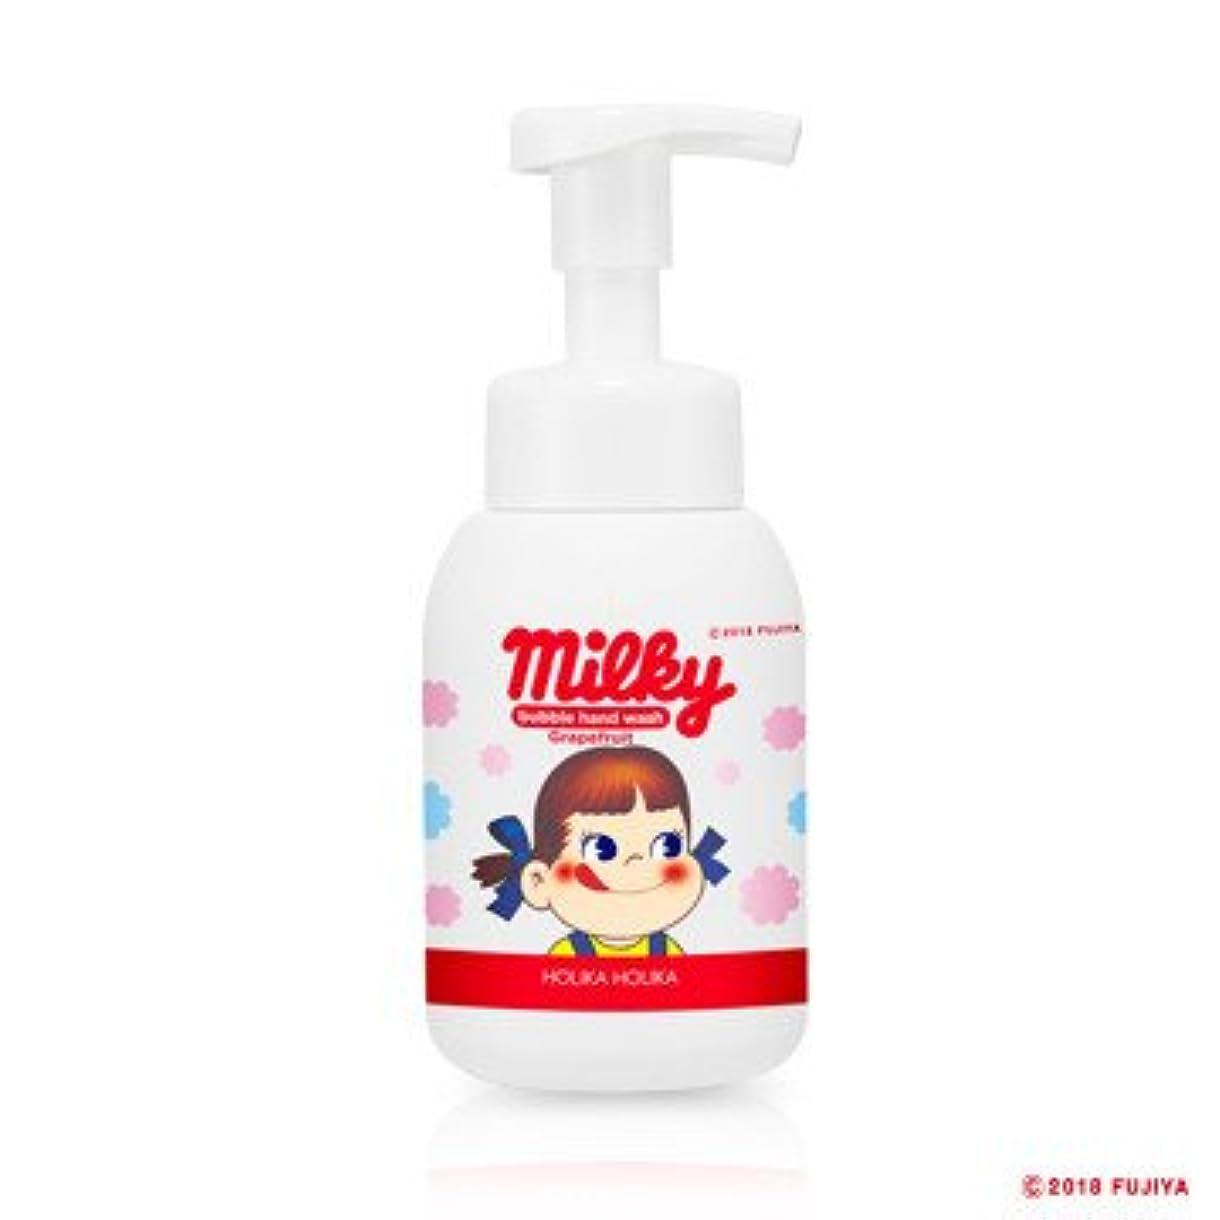 百年船コードレスHolika Holika [Sweet Peko Edition] Bubble Hand Wash/ホリカホリカ [スイートペコエディション] バブルハンドウォッシュ 250ml [並行輸入品]